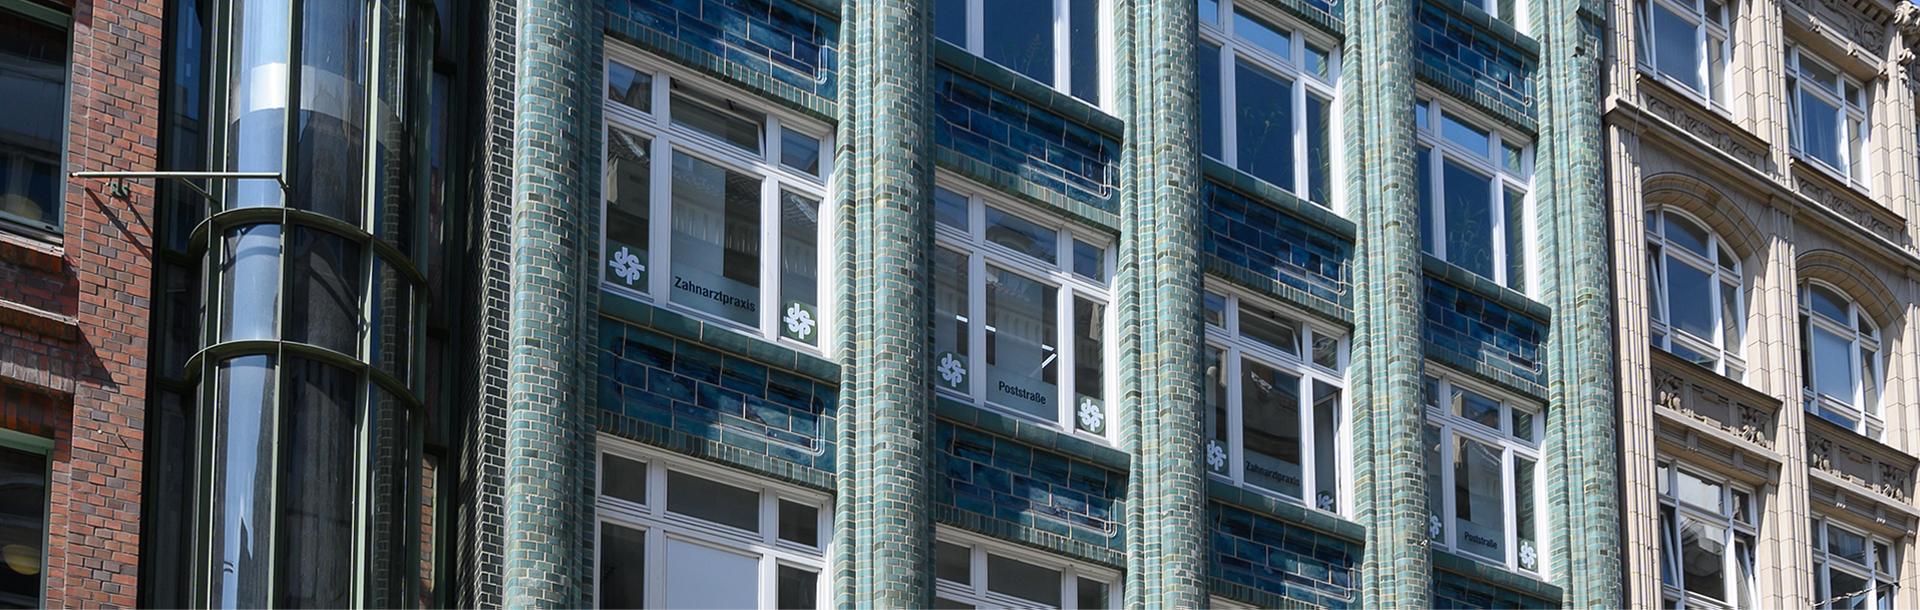 Außenansicht Zahnarztpraxis Hamburg Innenstadt - Zahnarztpraxis Poststraße